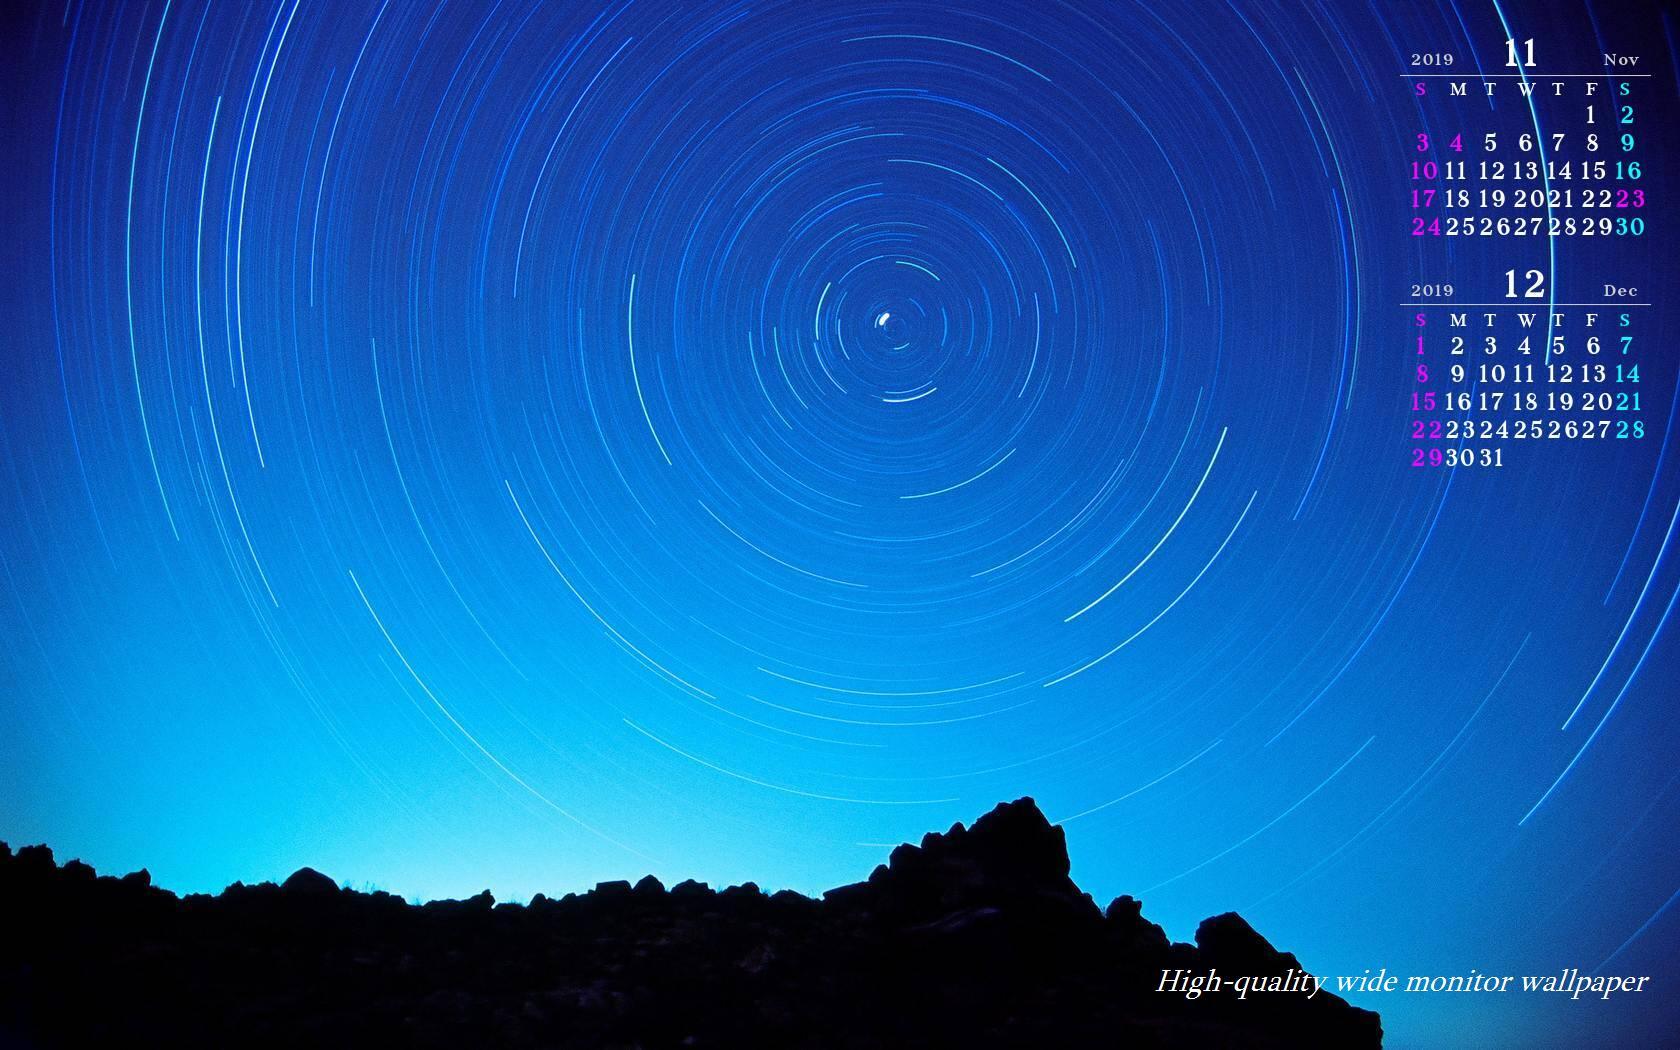 星の周回運動をモチーフにしました18年11月12月のカレンダー付きワイドモニター高画質壁紙 1680 1050 アスペクト比16 10霧島連山 自然風景 星景写真 花 山野草